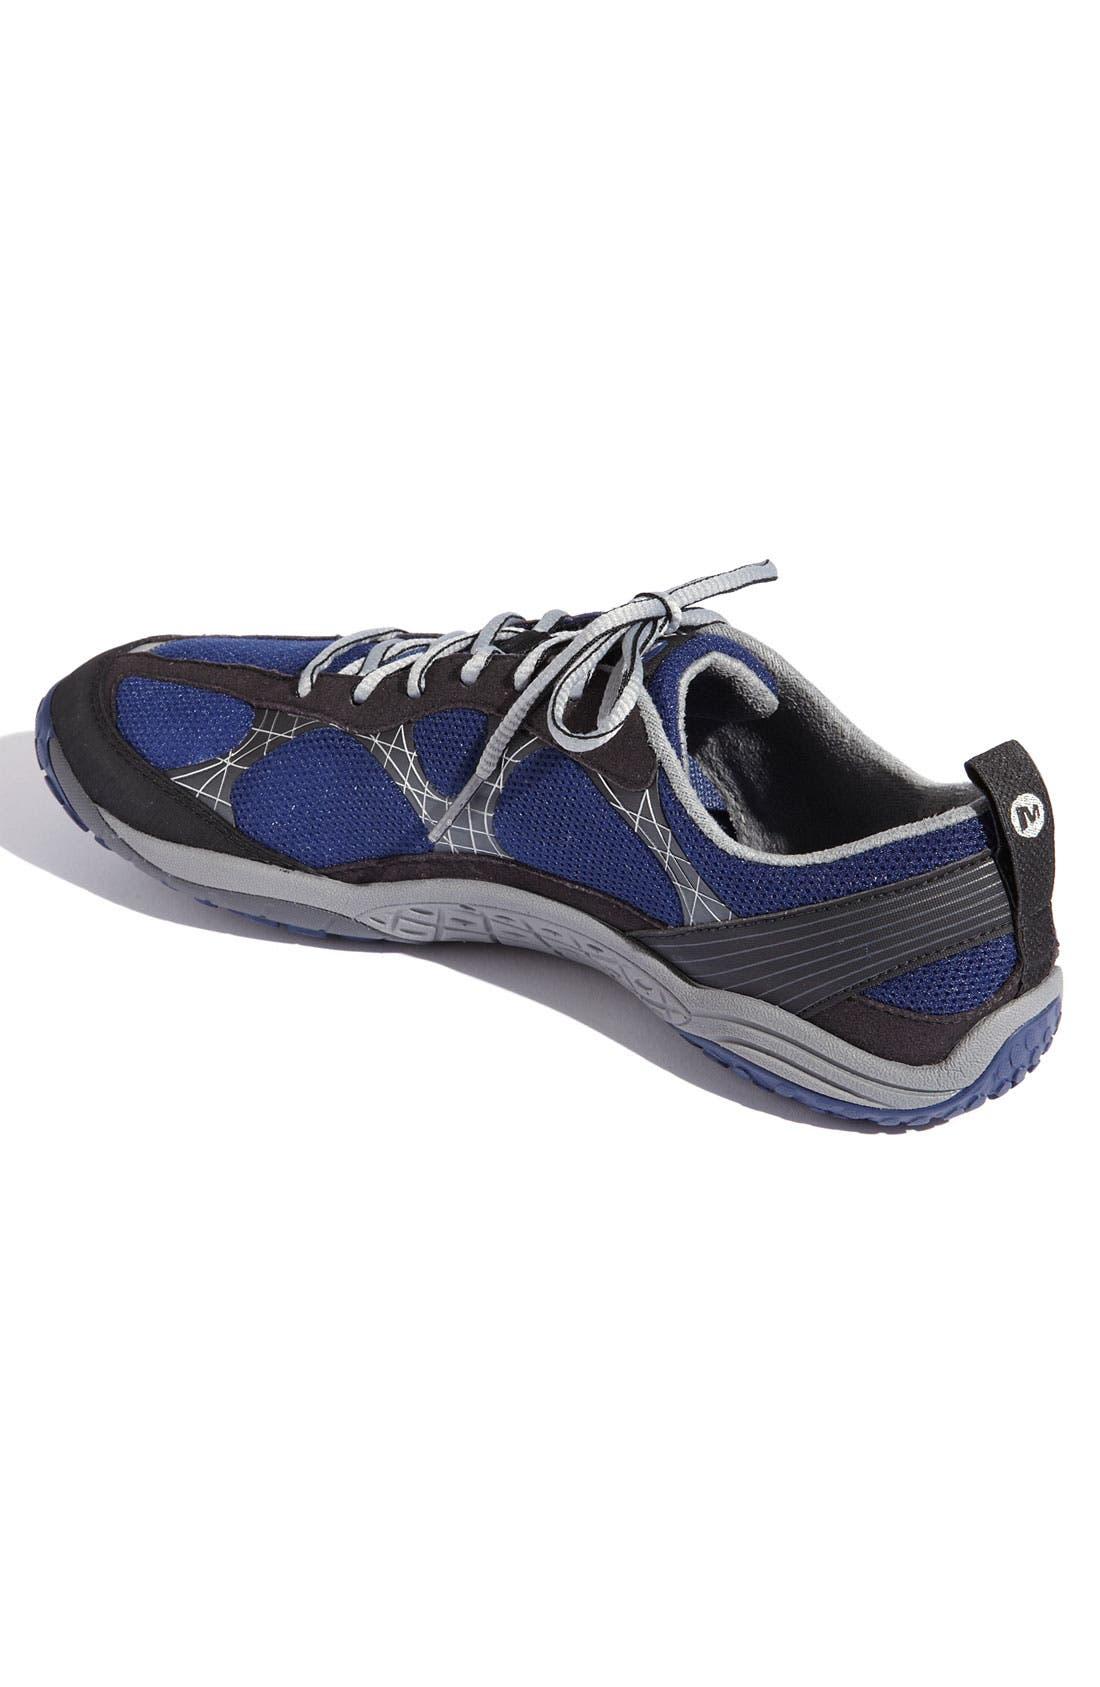 Alternate Image 2  - Merrell 'Road Glove' Running Shoe (Men)